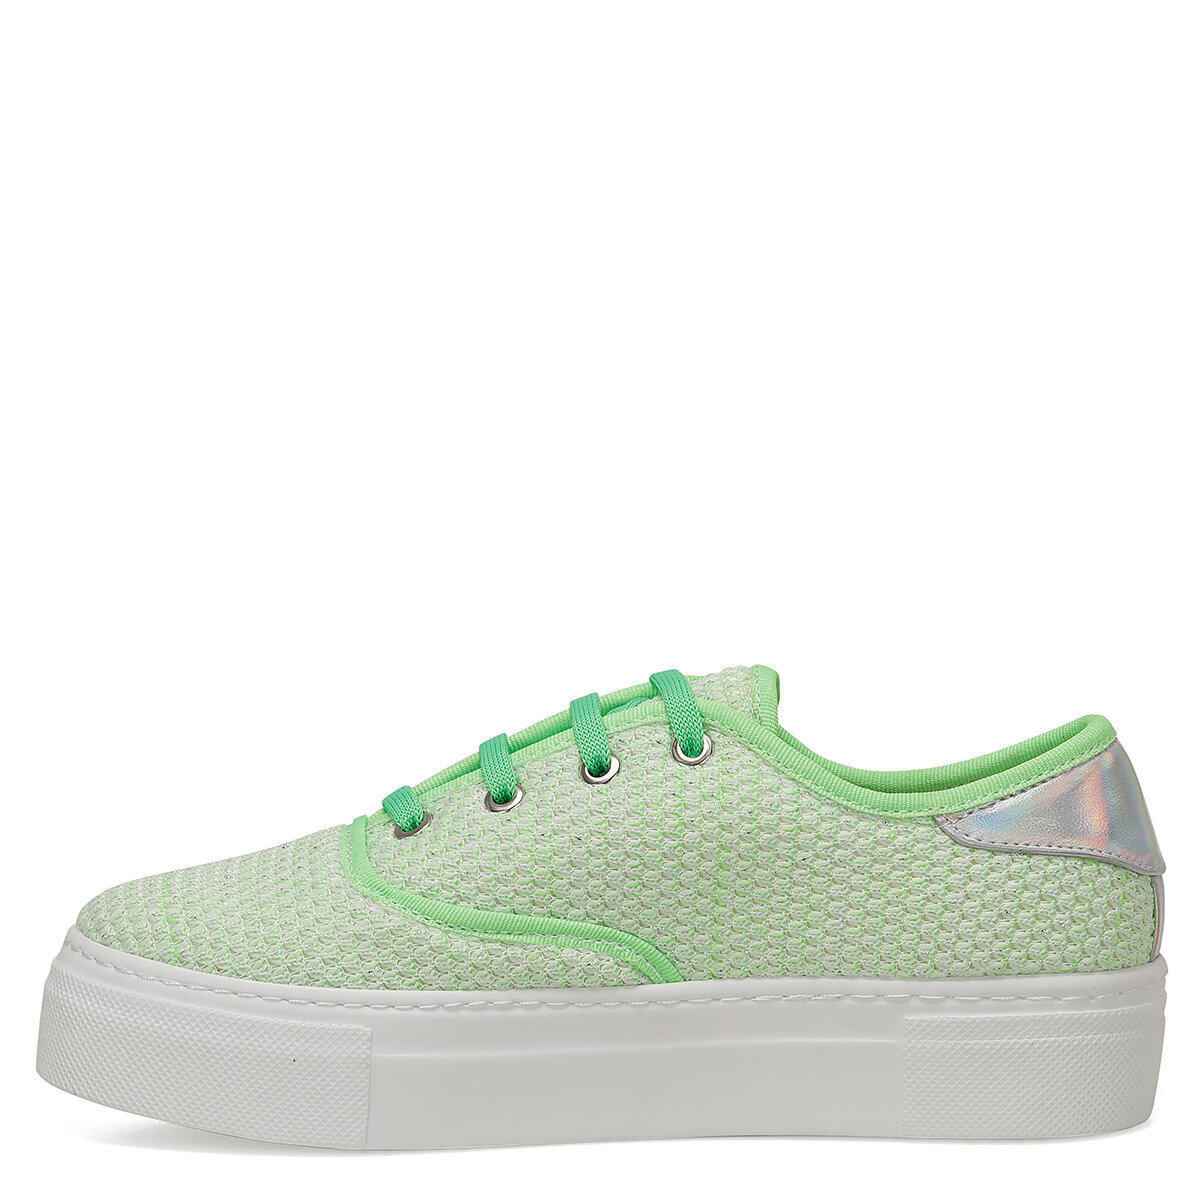 FALICIA Yeşil Kadın Spor Ayakkabı